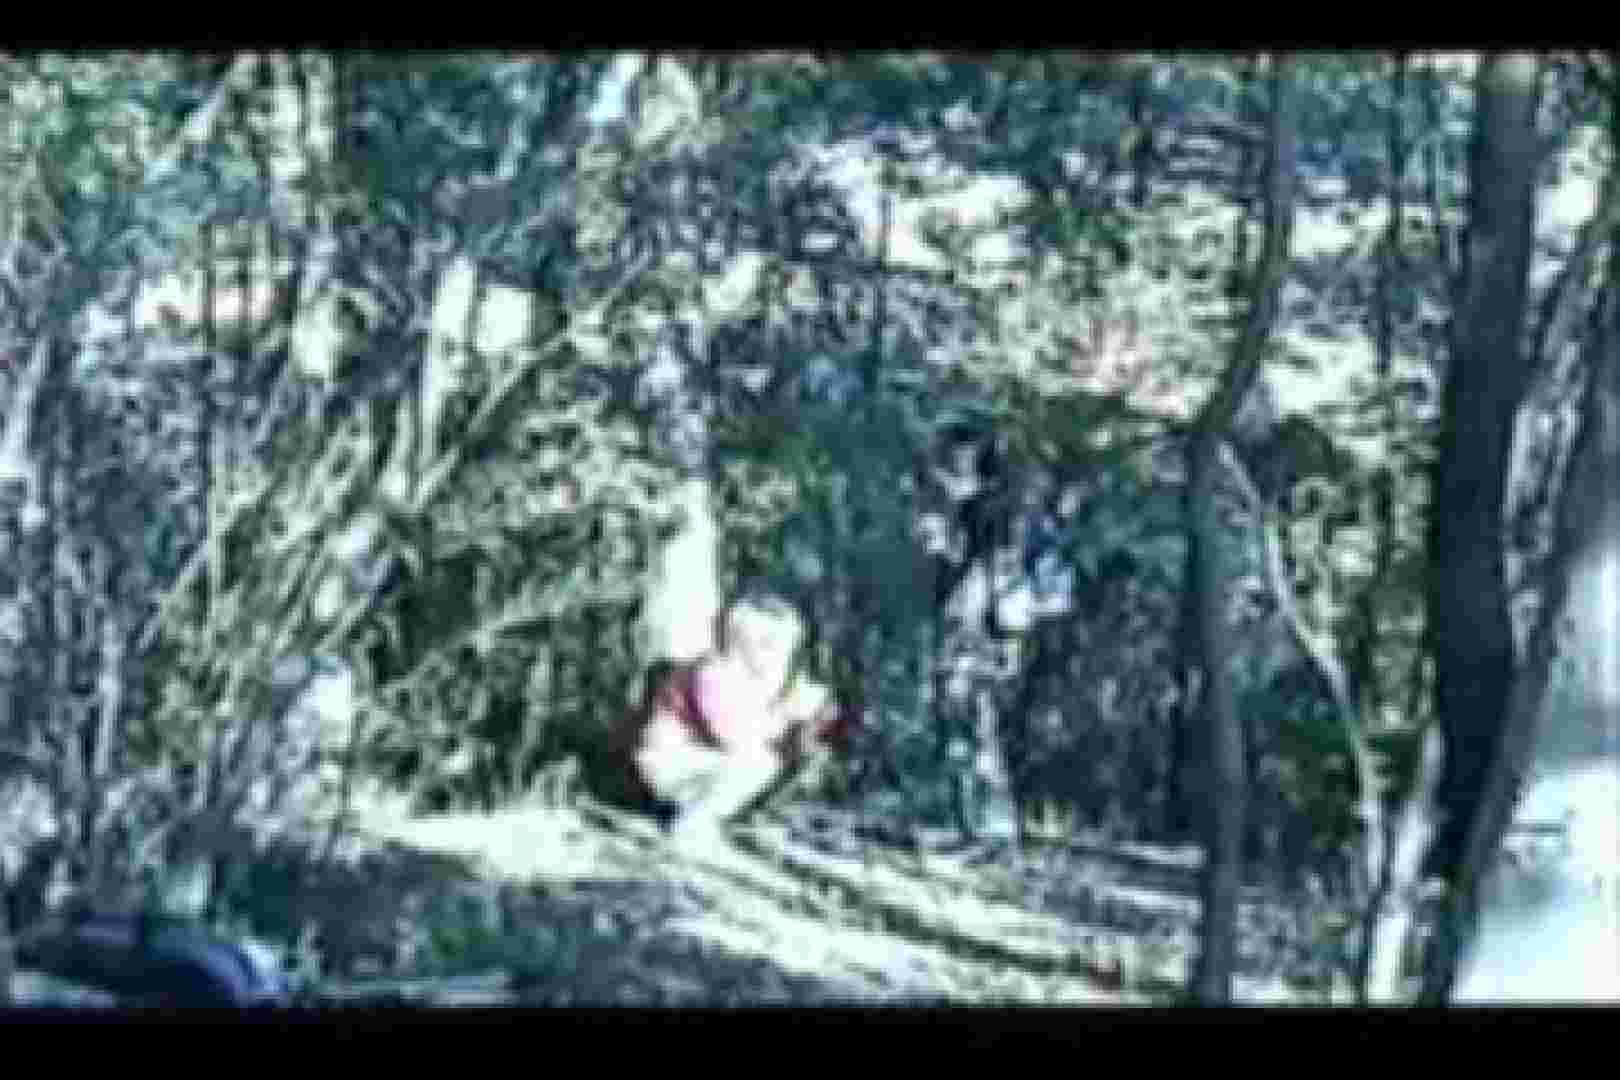 オールドゲイシリーズ  美少年ひかるのオープンファック イケメン  106pic 60